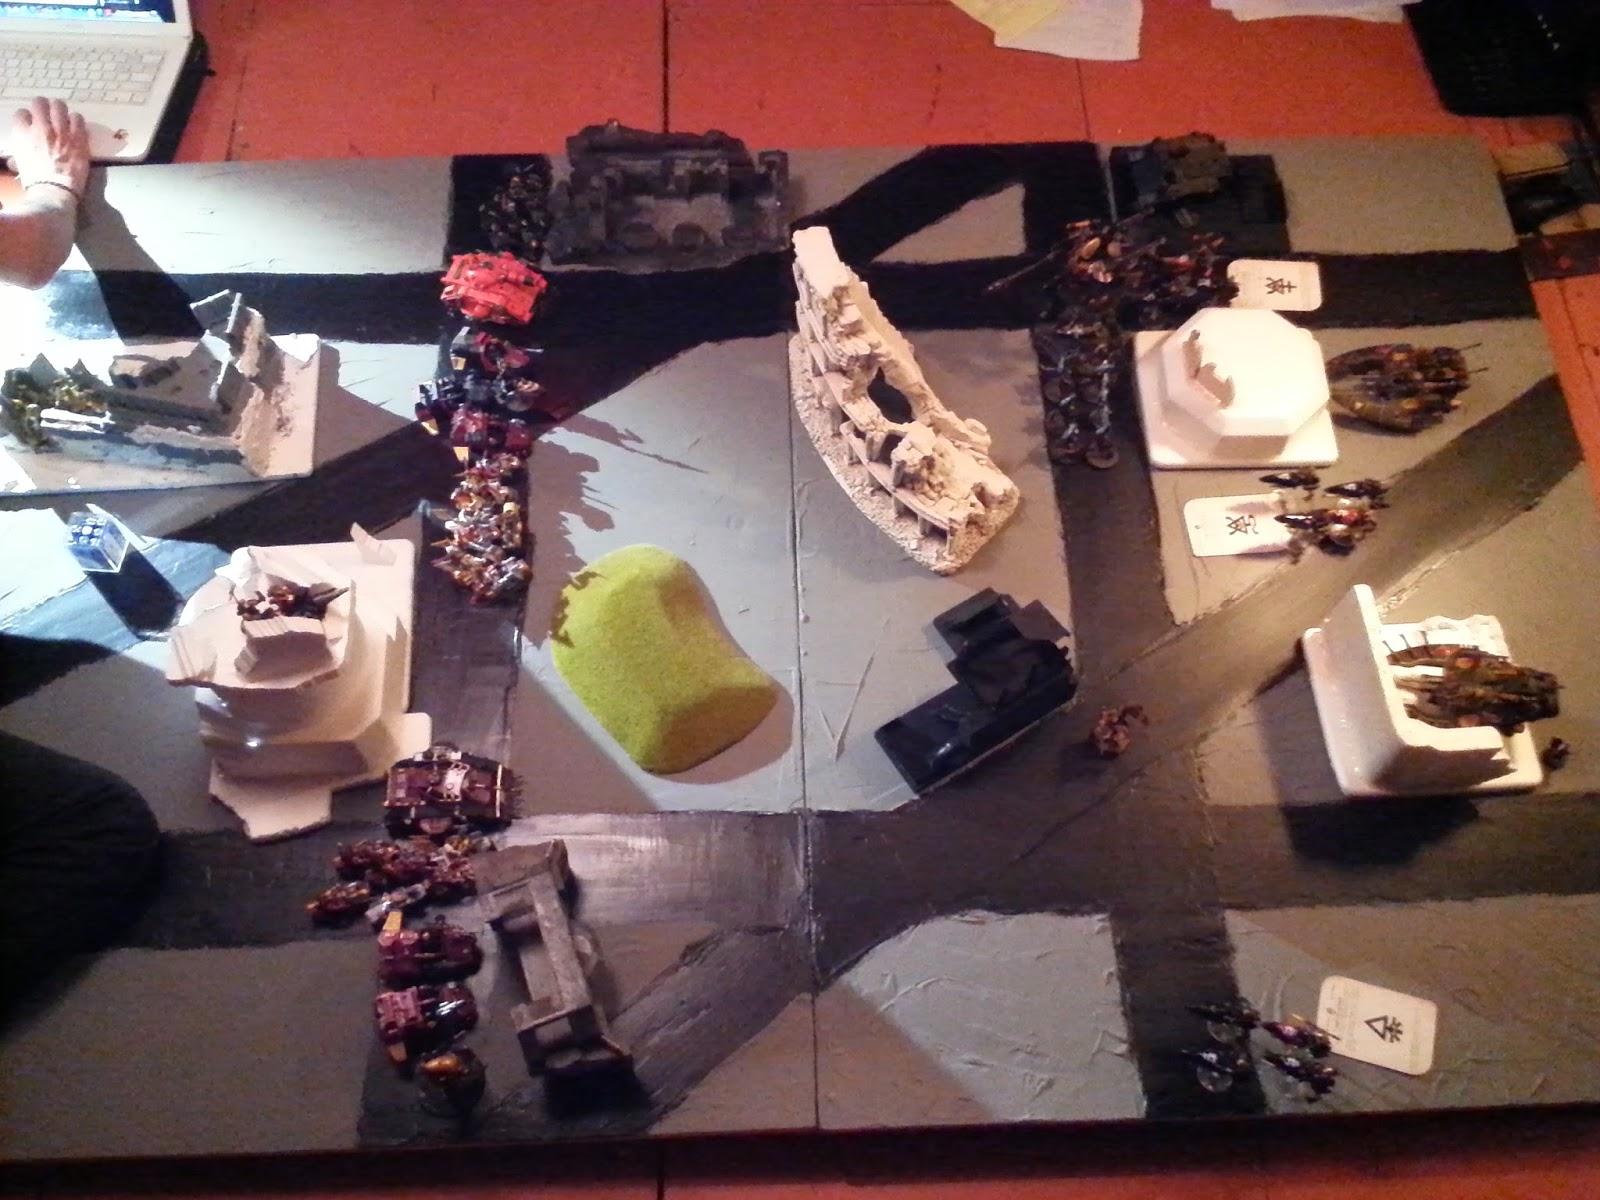 Used Look Möbel Diy ~ 40k: making a mobile diy gaming table